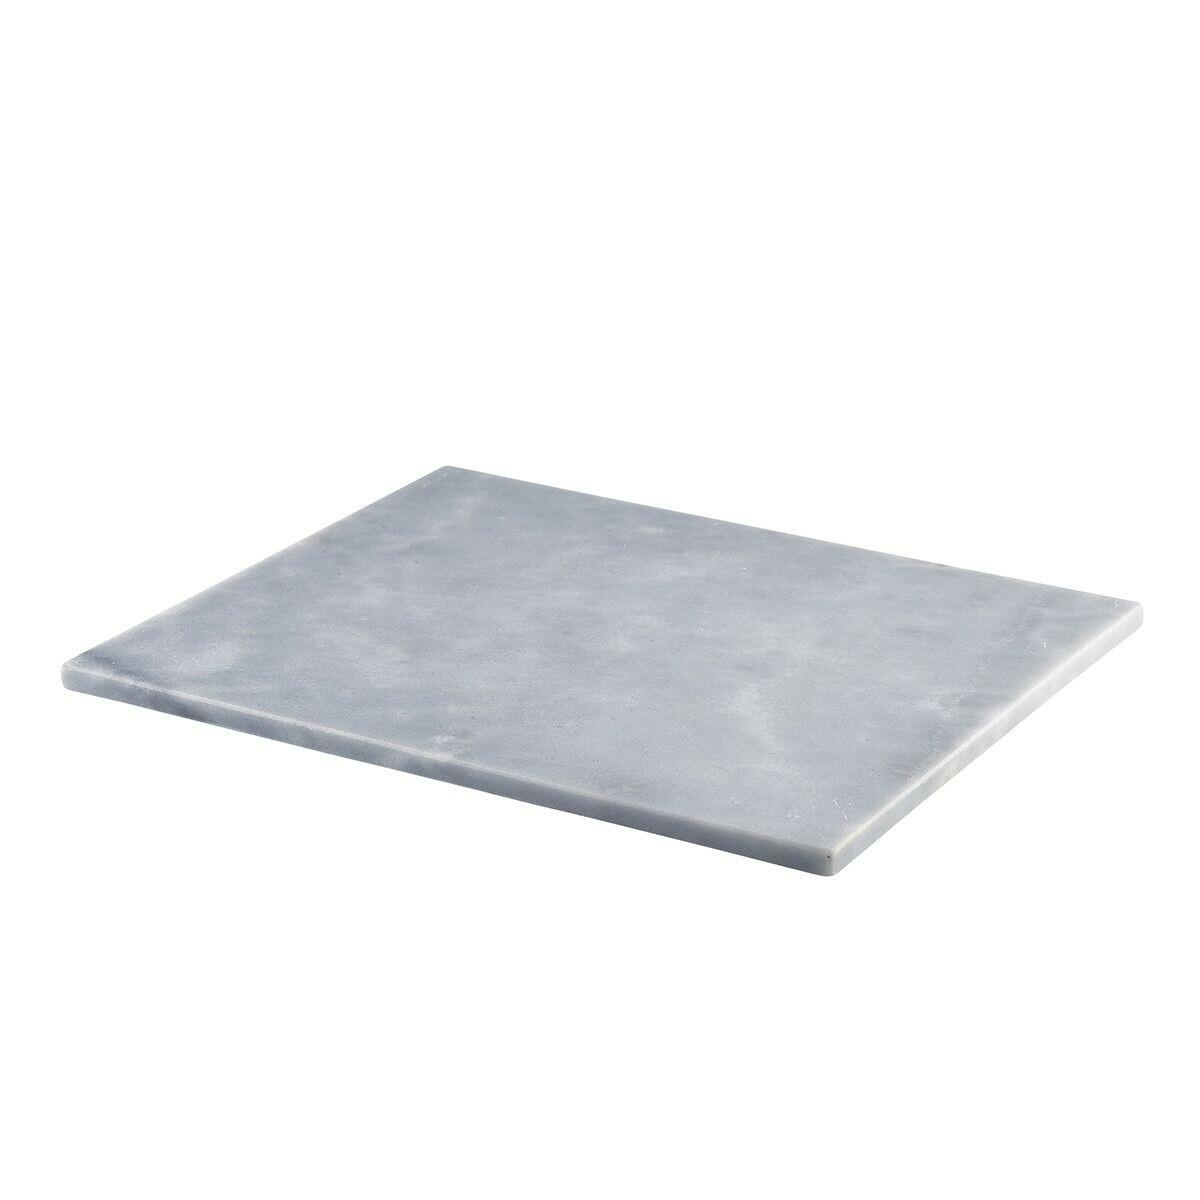 grijs marmeren plateau GN 1/2 32 x 26 cm met voetjes